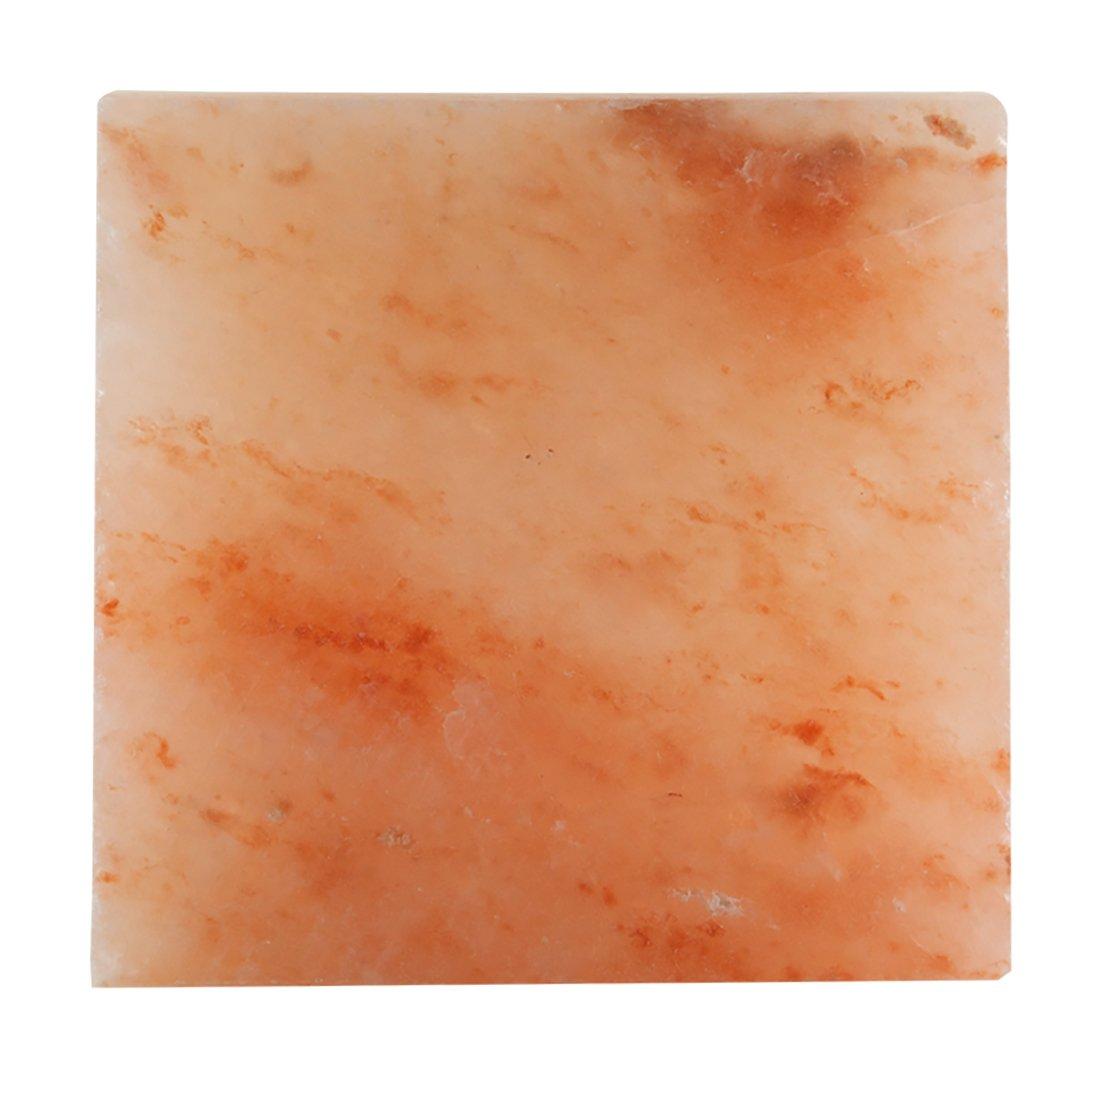 Evolution Salt - Himalayan Salt Slab 8x8x1.5 7-8 lbs. by Evolution Salt